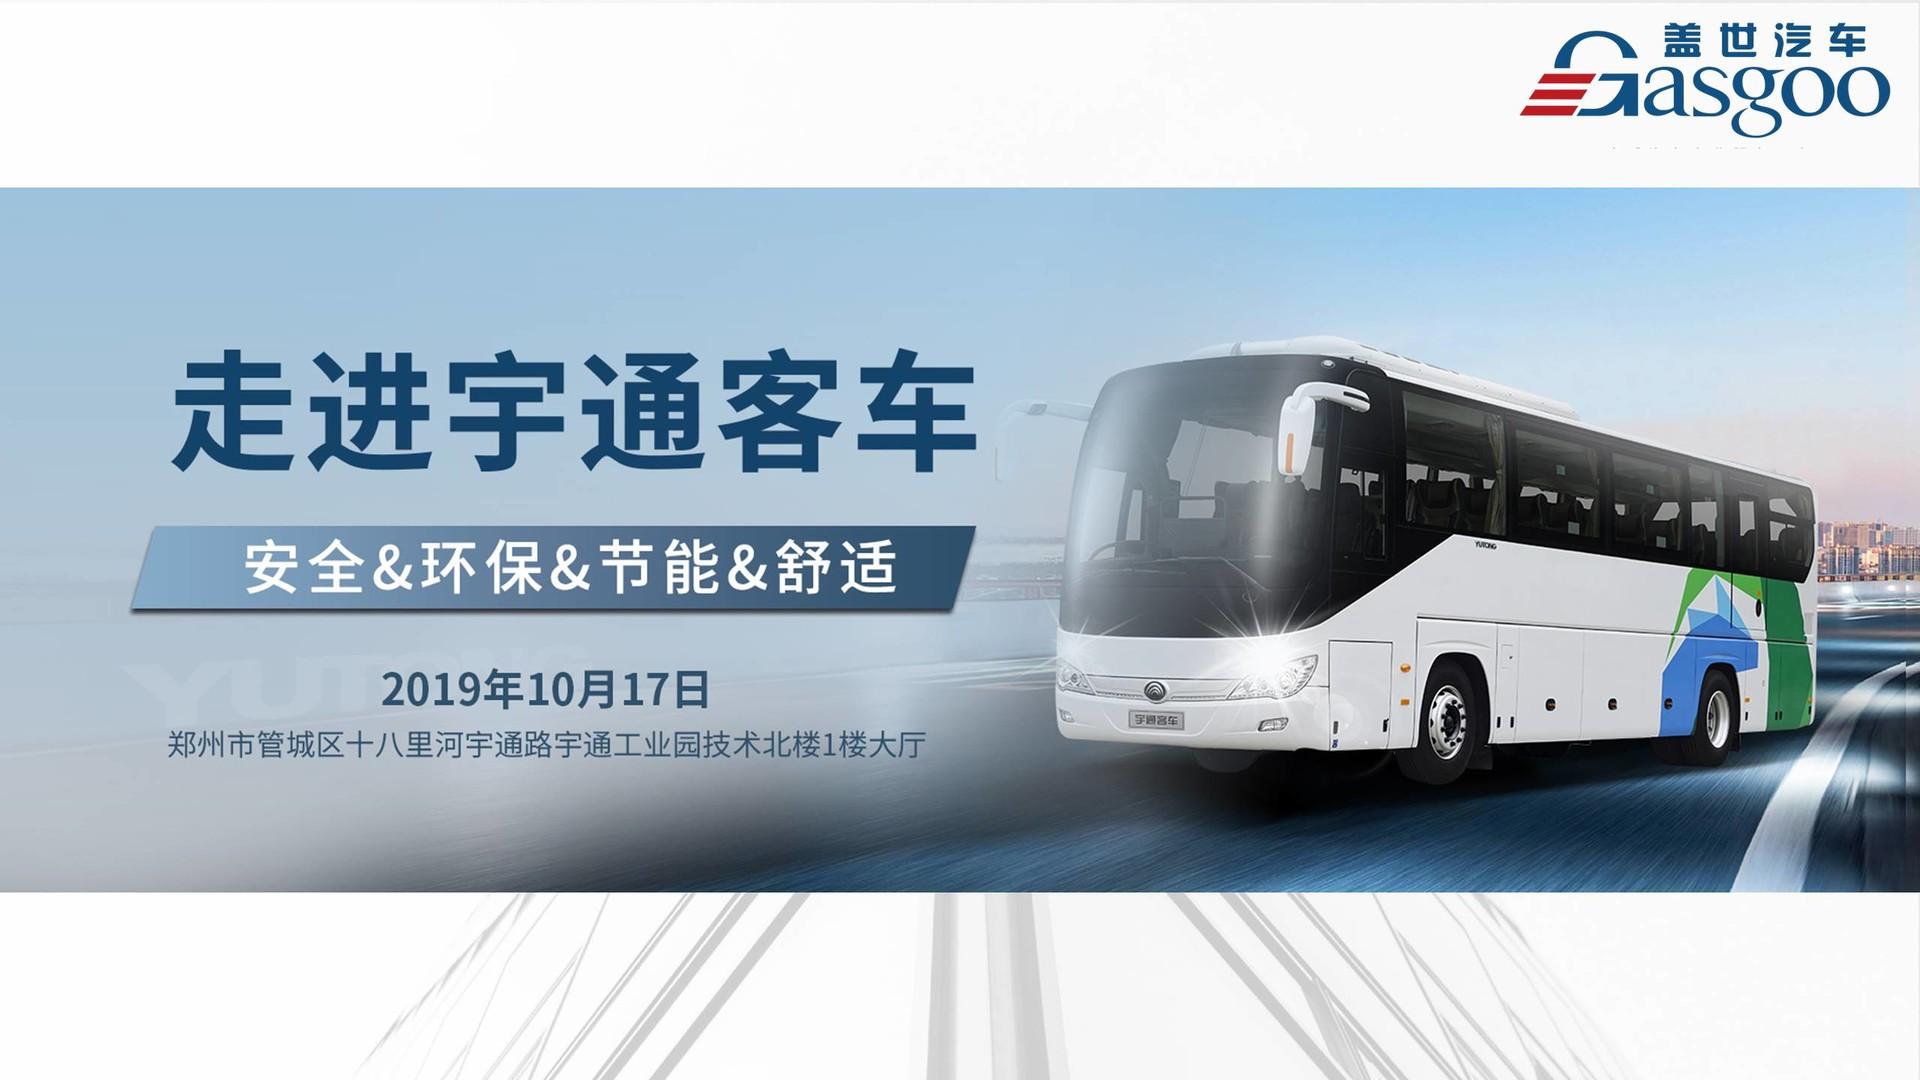 走进宇通客车 - 安全、环保、节能、舒适